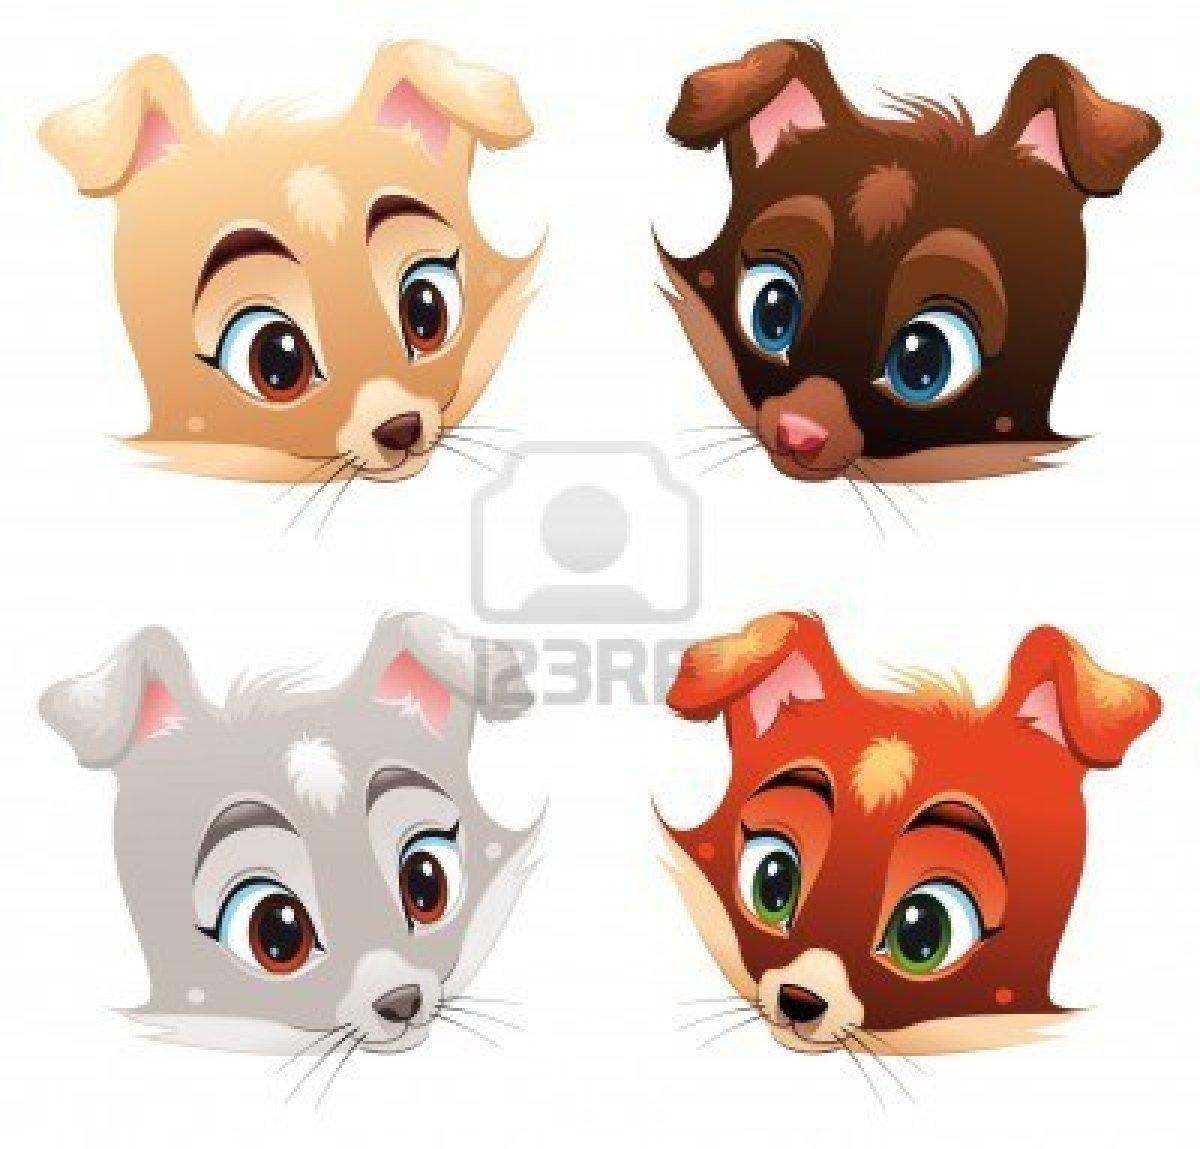 Dessins en couleurs imprimer chien num ro 23432 - Coloriage de chiot a imprimer ...